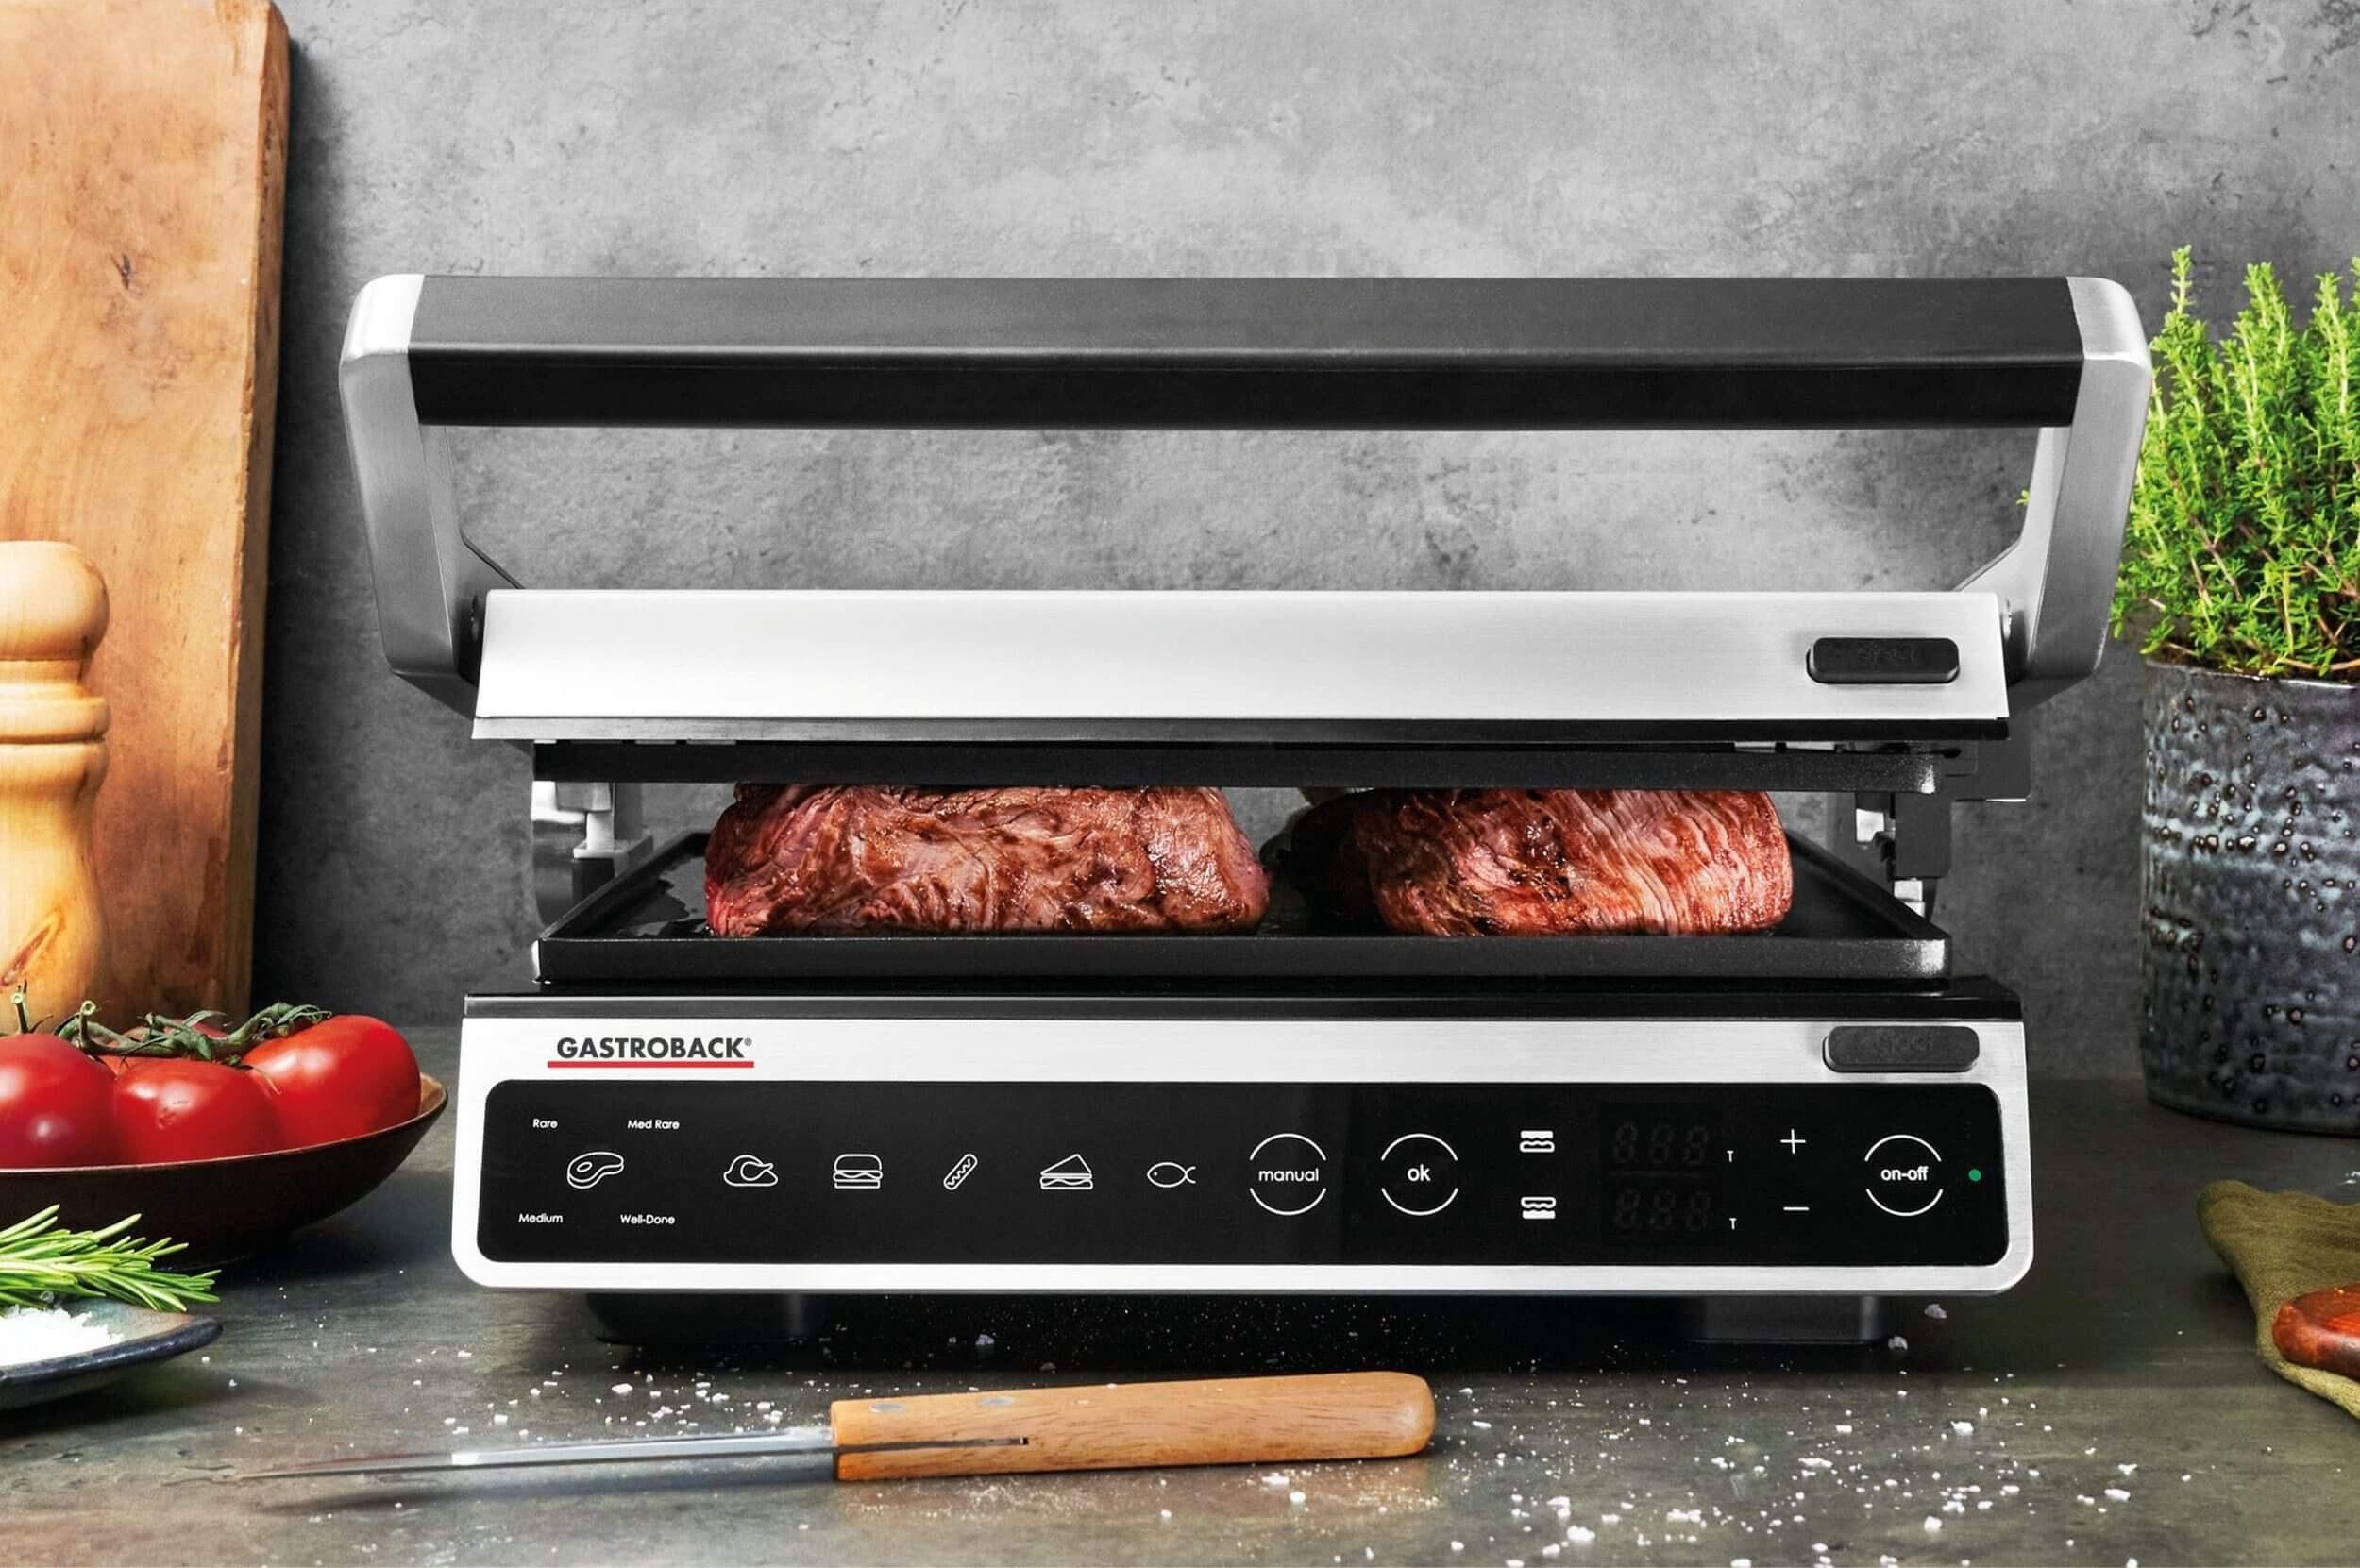 تصویر گریل باربیکیو گاستروبک آلمان Gastroback DESIGN BBQ ADVANCED SMART